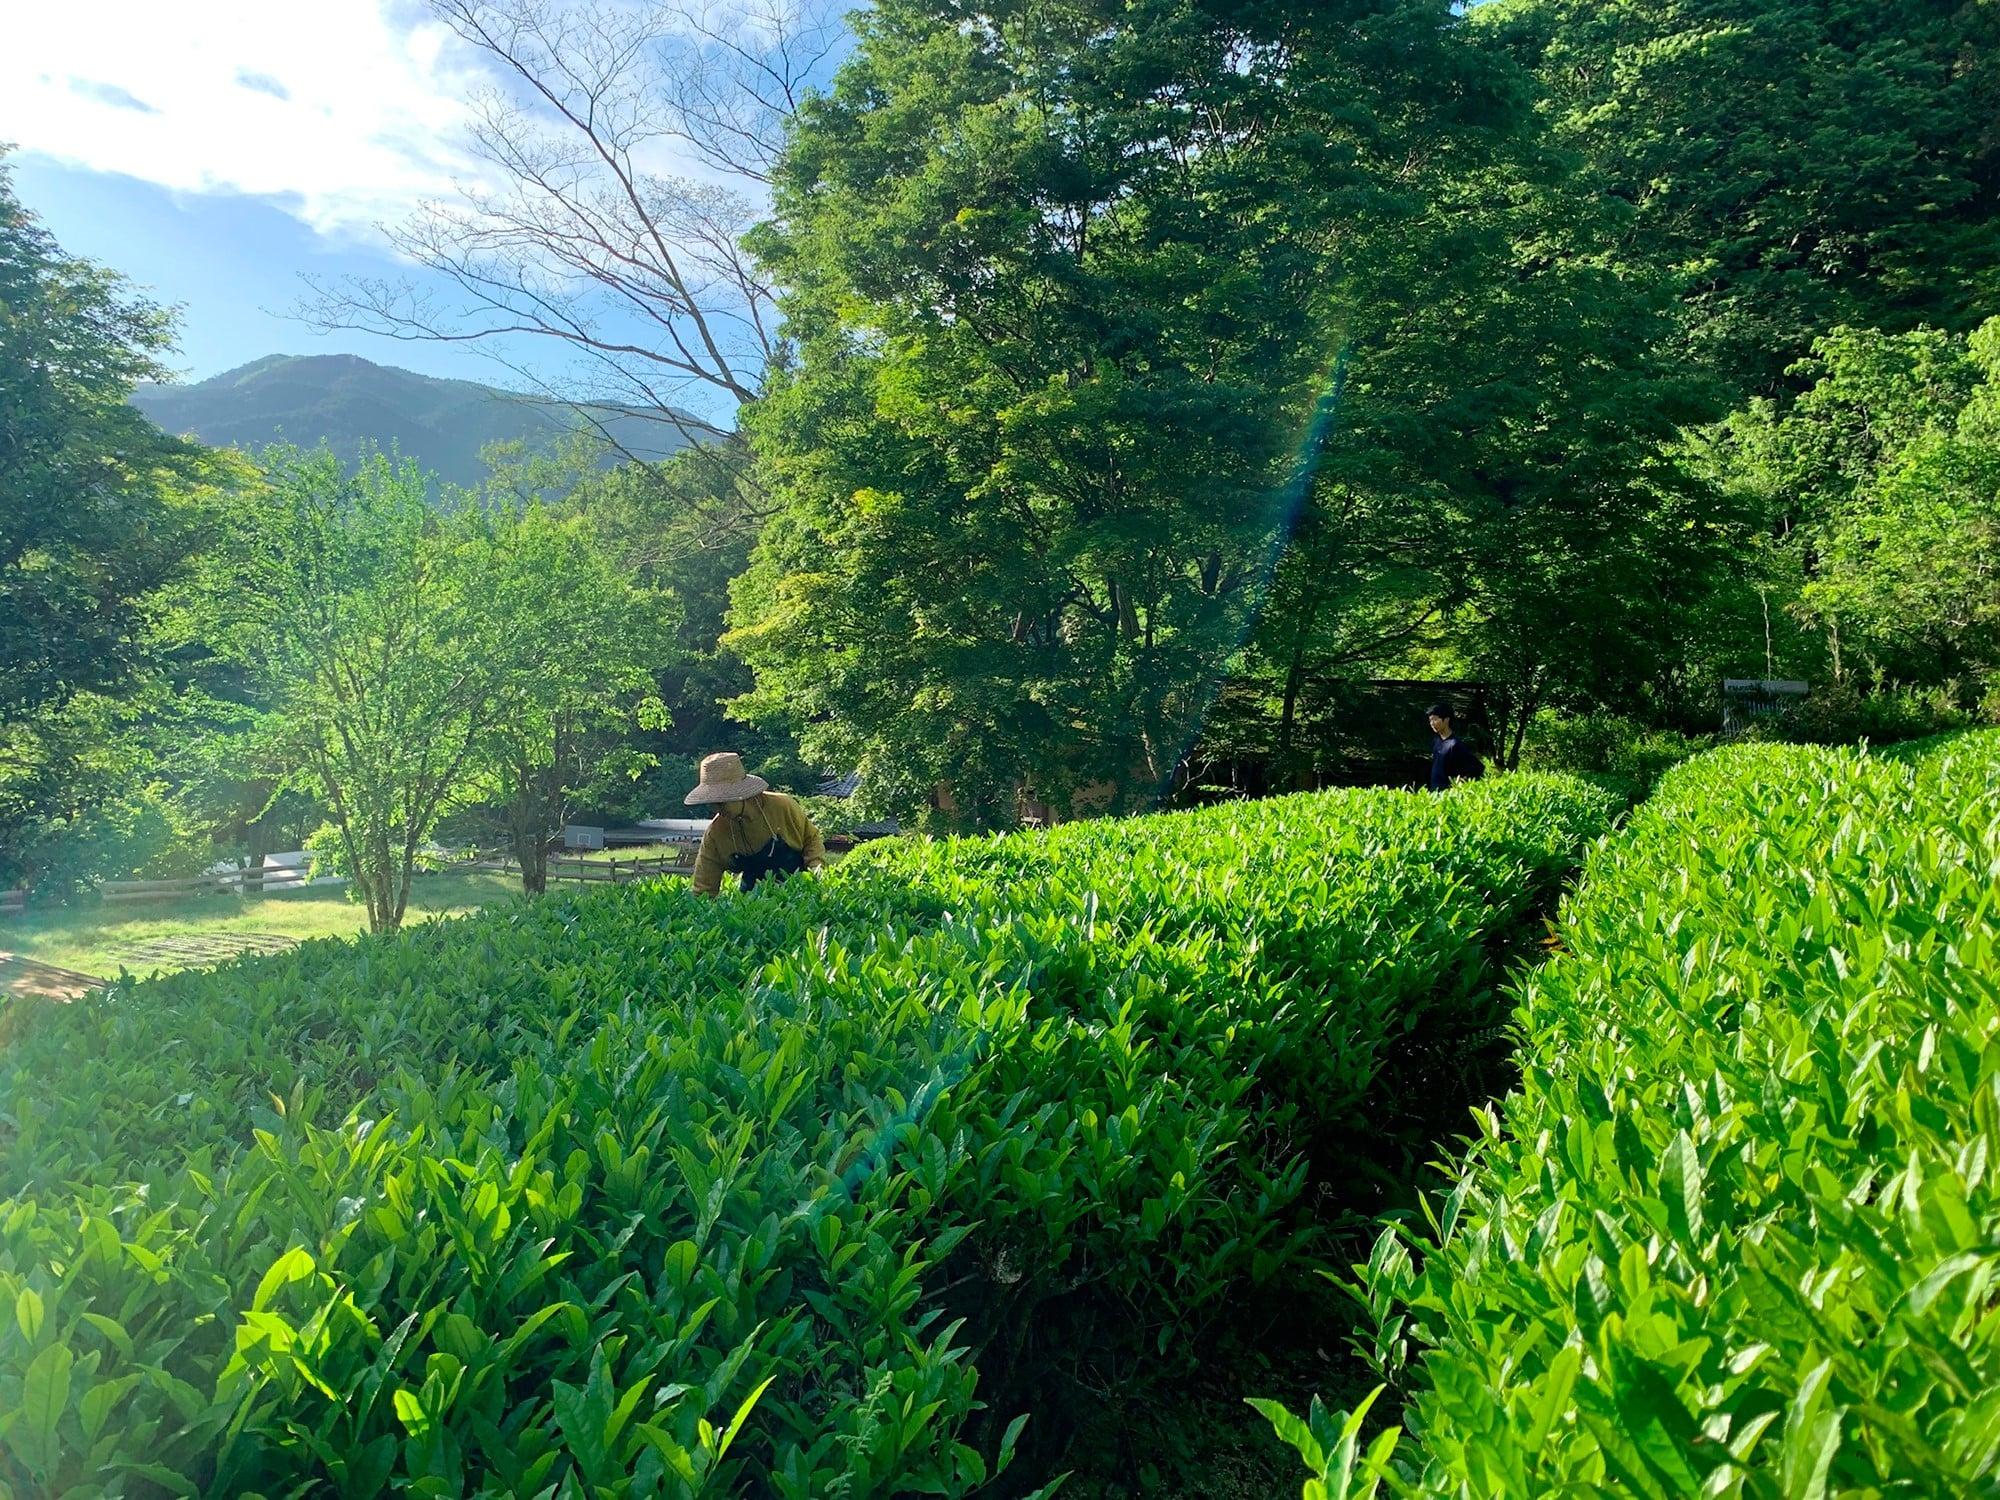 彫刻家・沓沢佐知子の住まいの敷地内にある茶畑。5月の新茶の刈り取り前の様子。